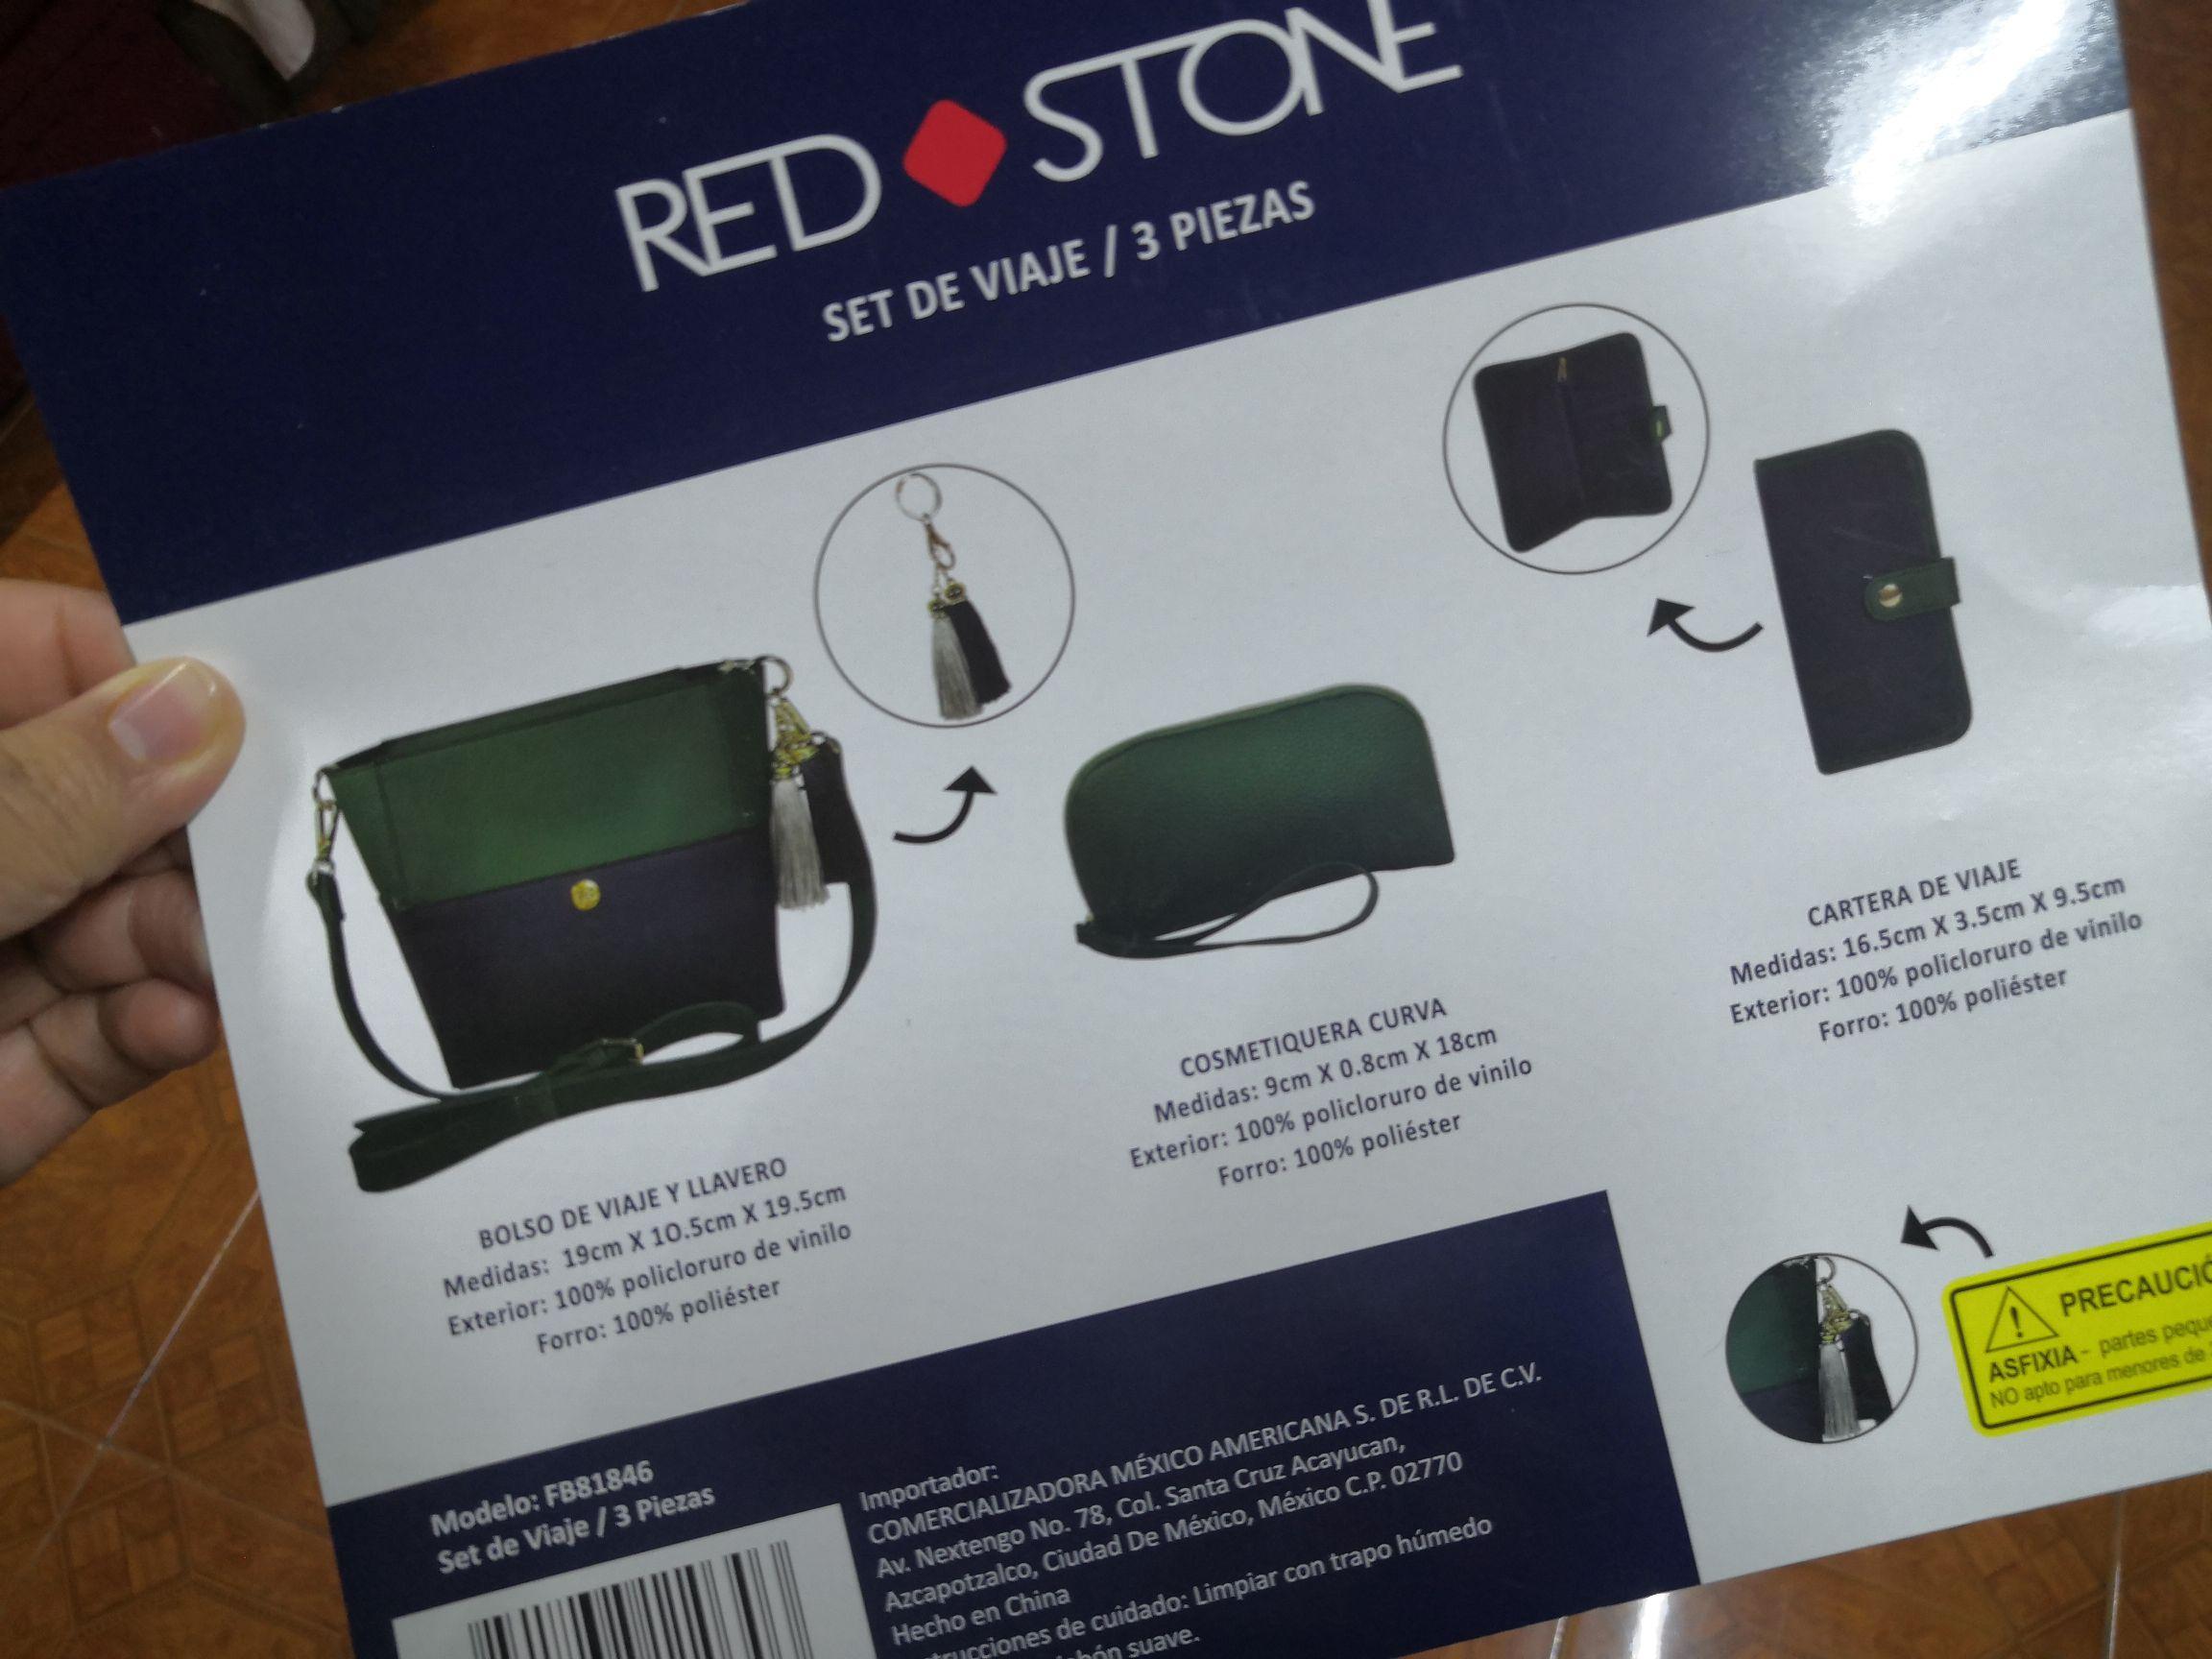 Sam's Club: Set de bolsa, cosmetiquera y cartera de viaje Red Stone.